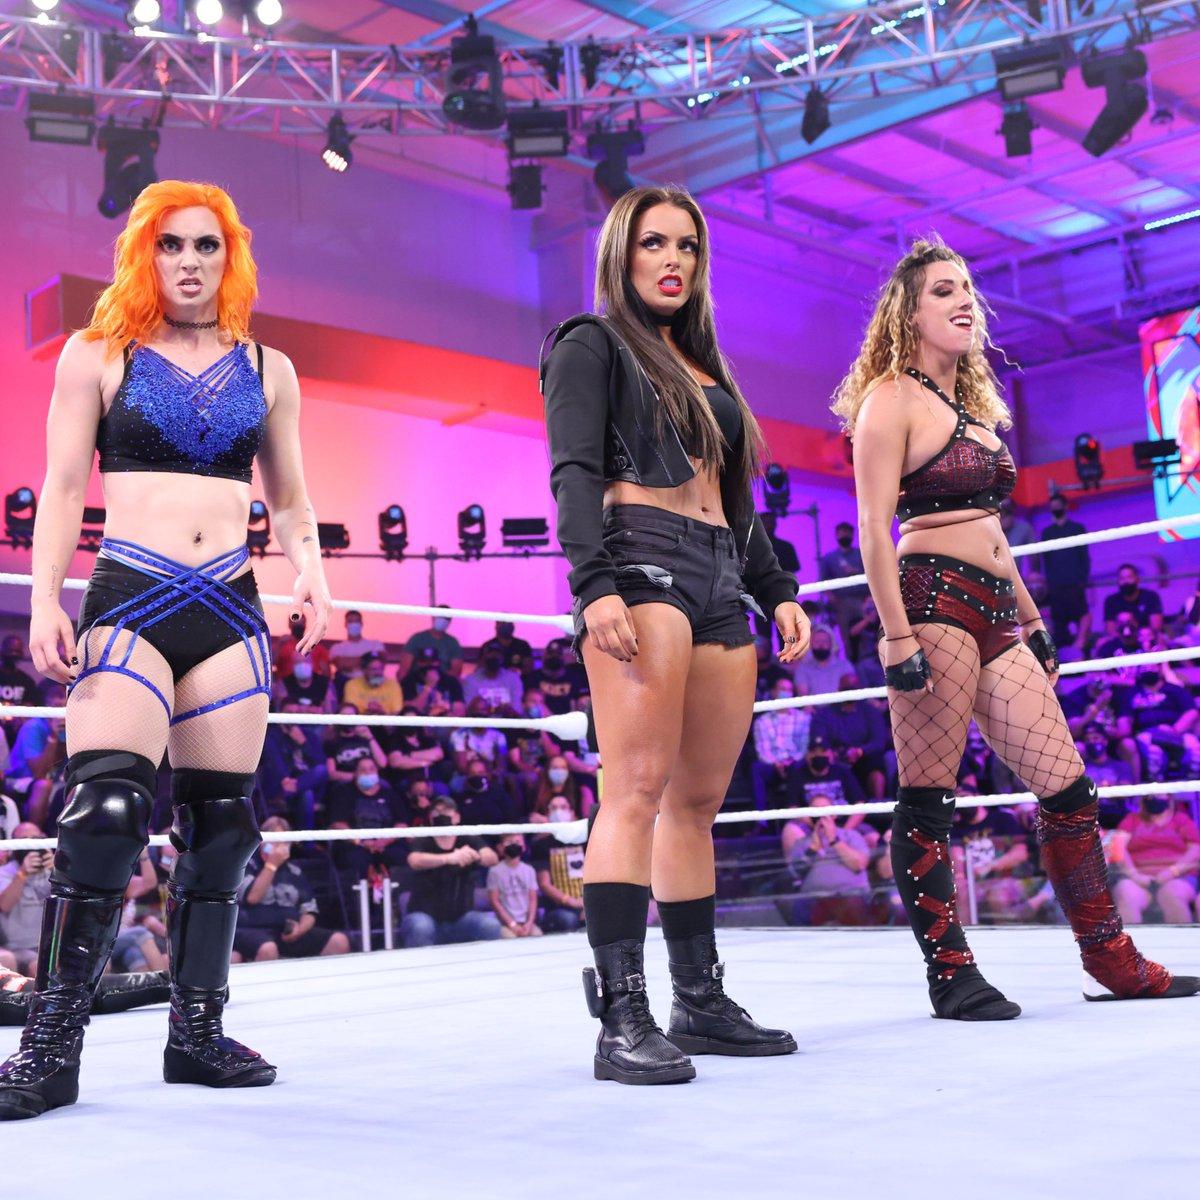 RT @WWENXT_es: #ToxicAttraction #WWENXT 2.0 @WWE_MandyRose @gigidolin_wwe @jacyjaynewwe https://t.co/8KcCE6CHgv